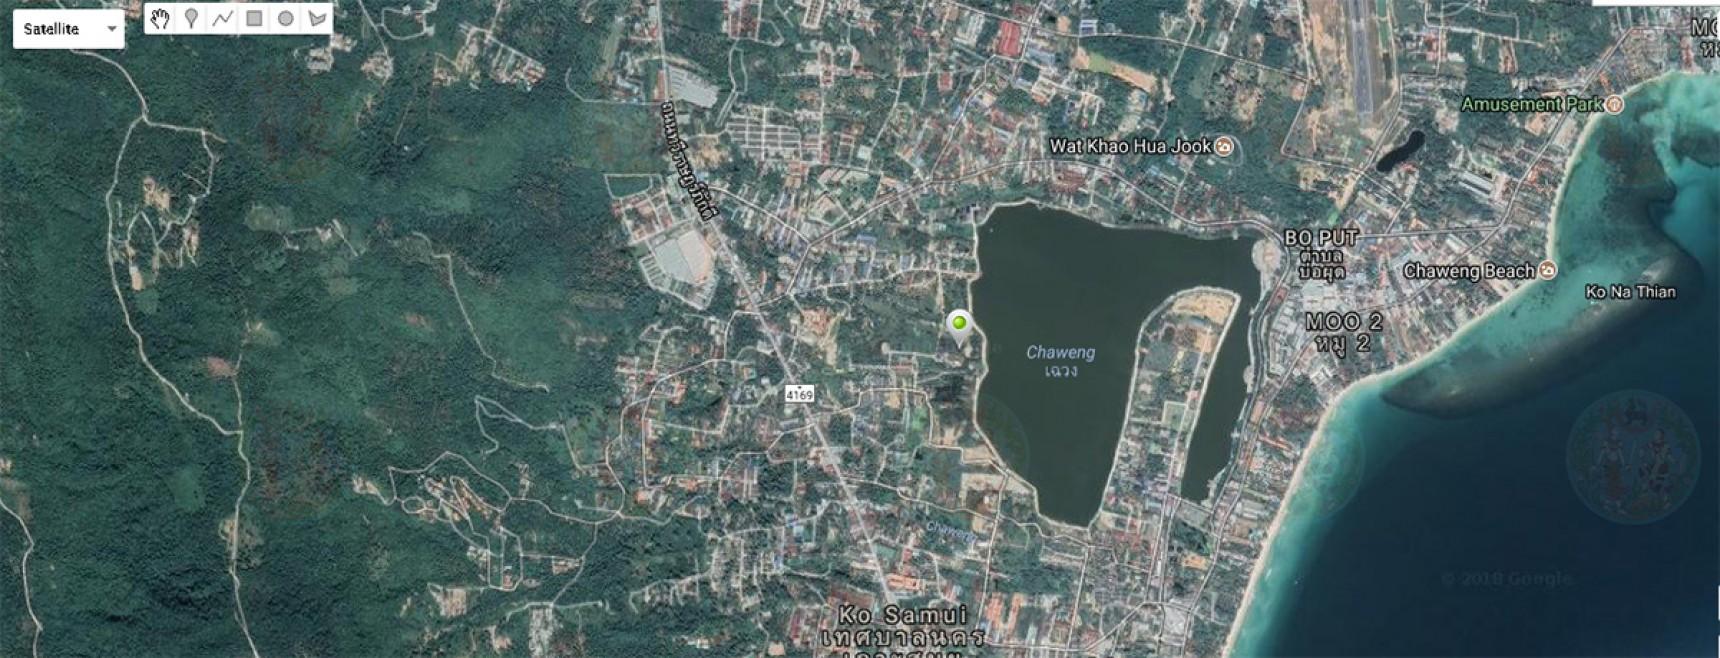 2.5 Rai For Sale Chaweng Lake, Koh Samui (Thai-Real.com)